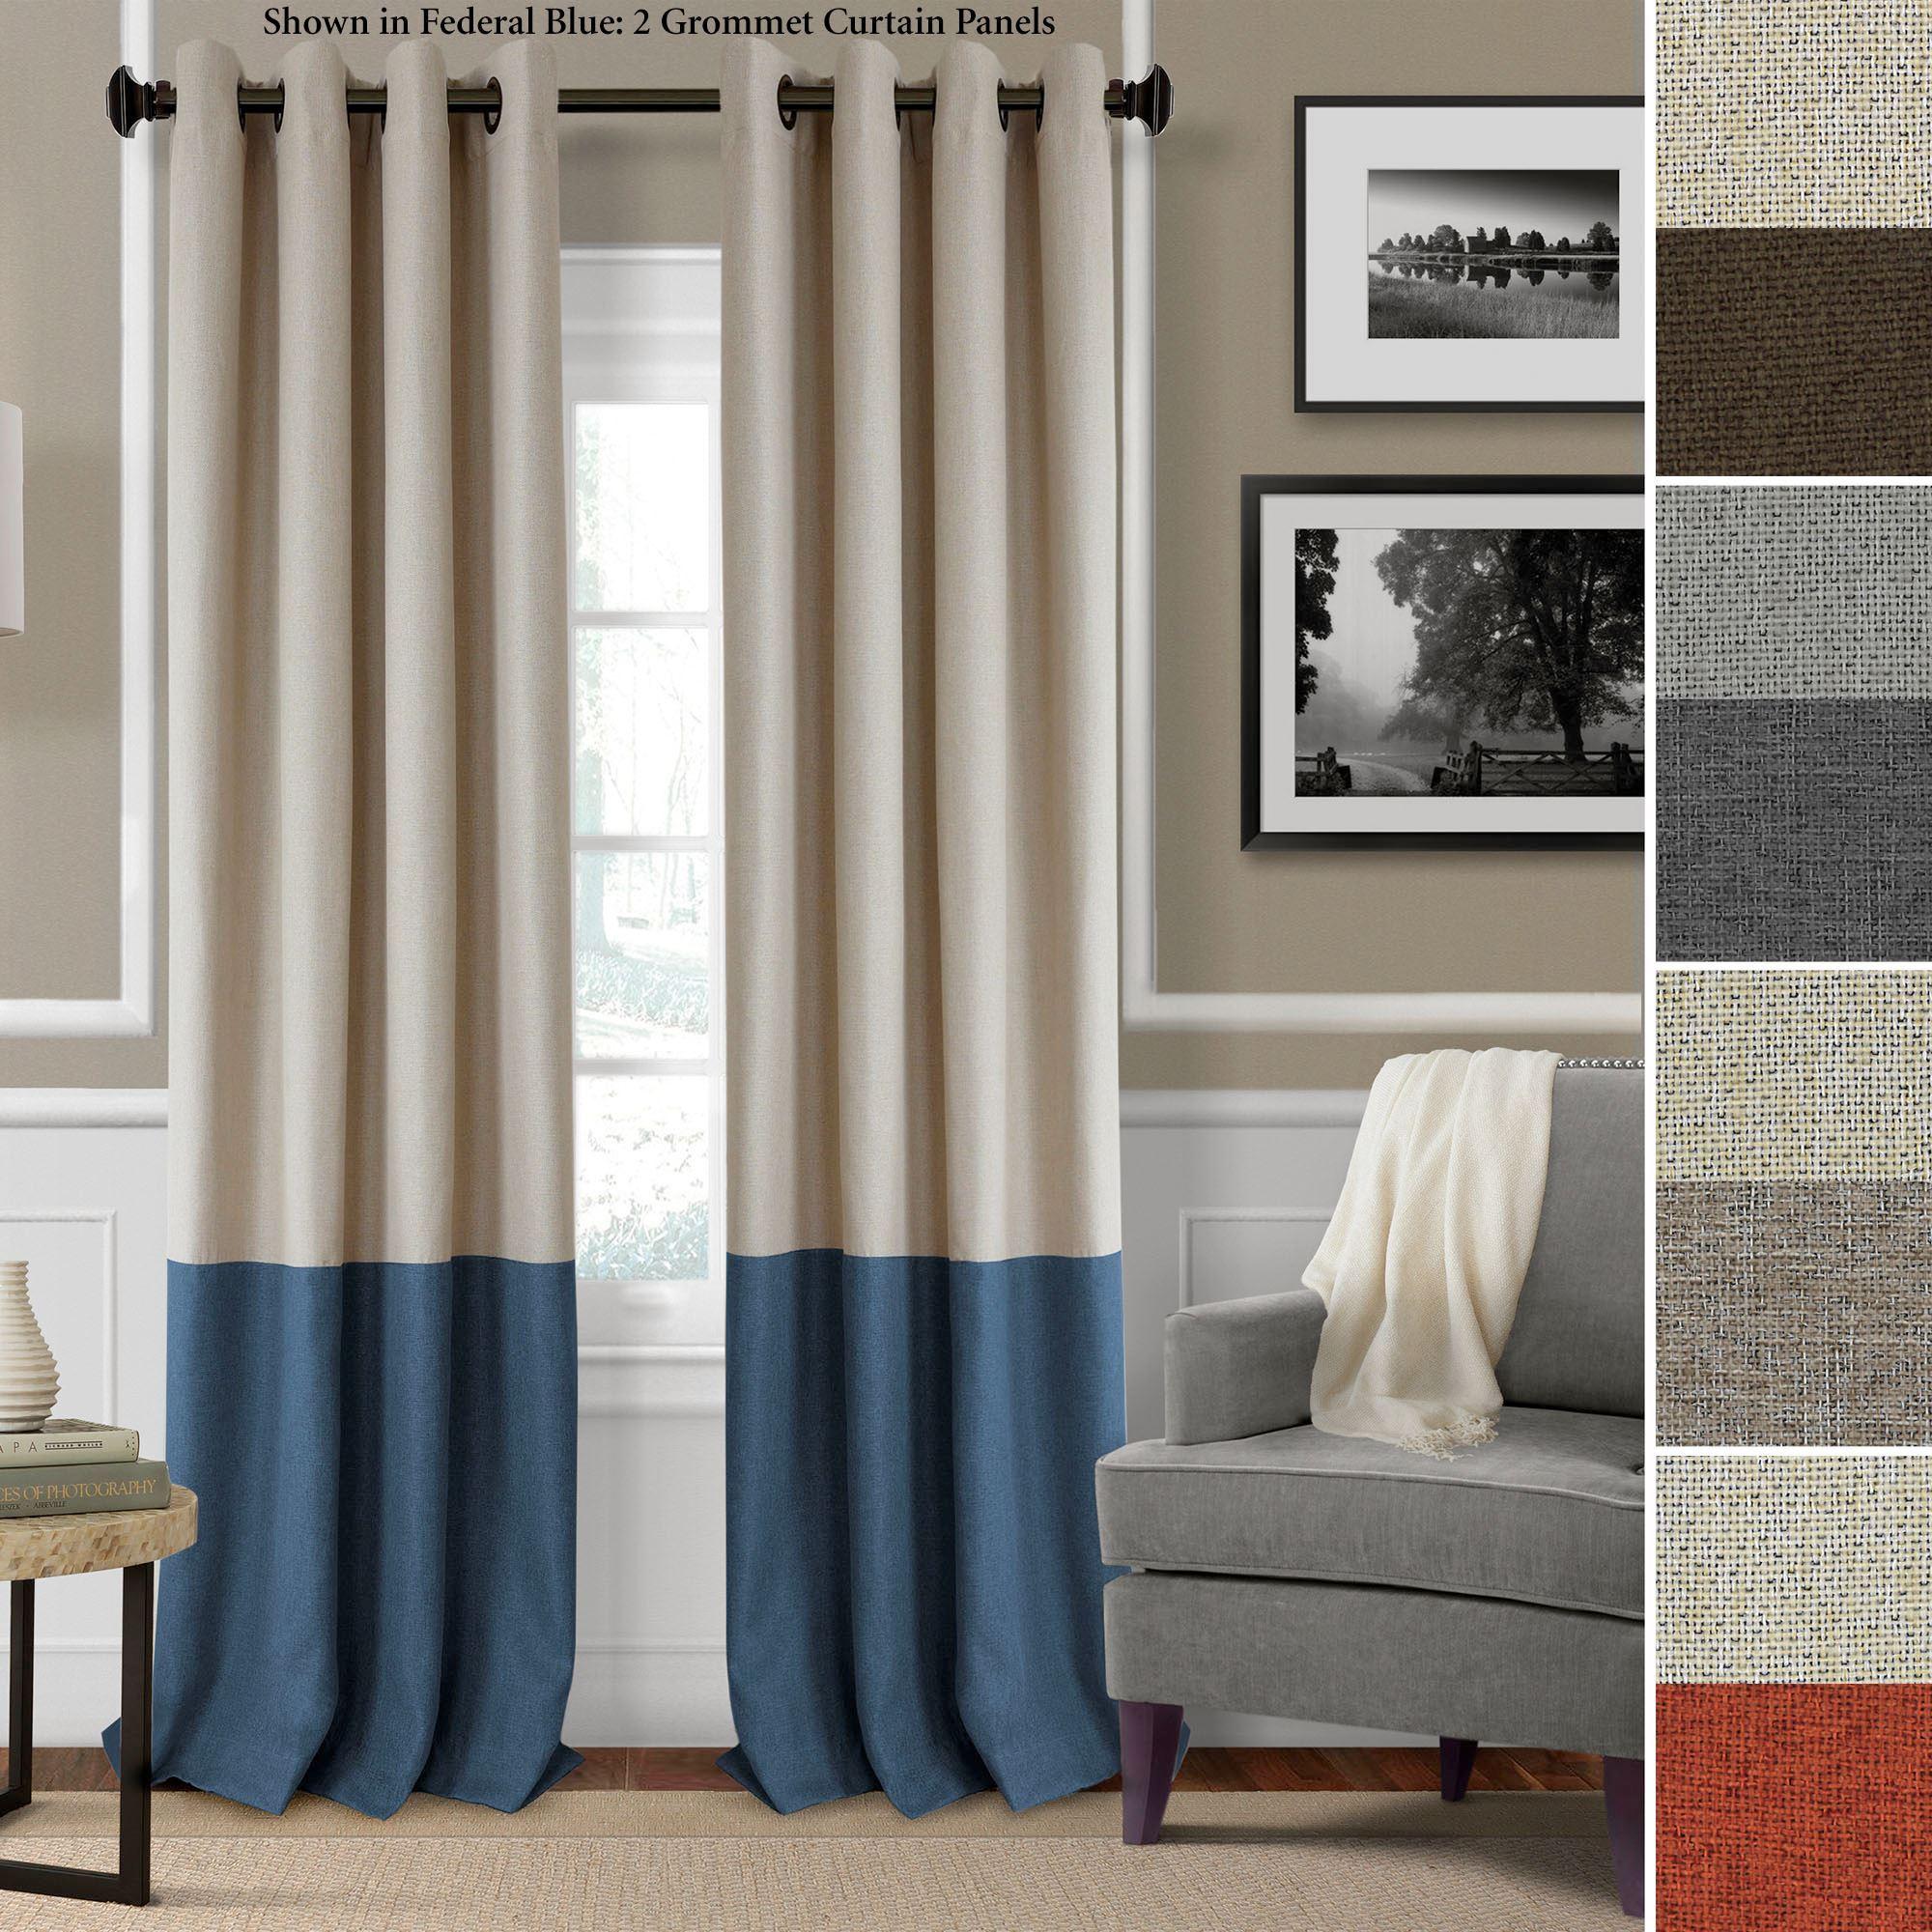 Braiden Room Darkening Grommet Curtain Panels with Grommet Curtain Panels (Image 4 of 20)